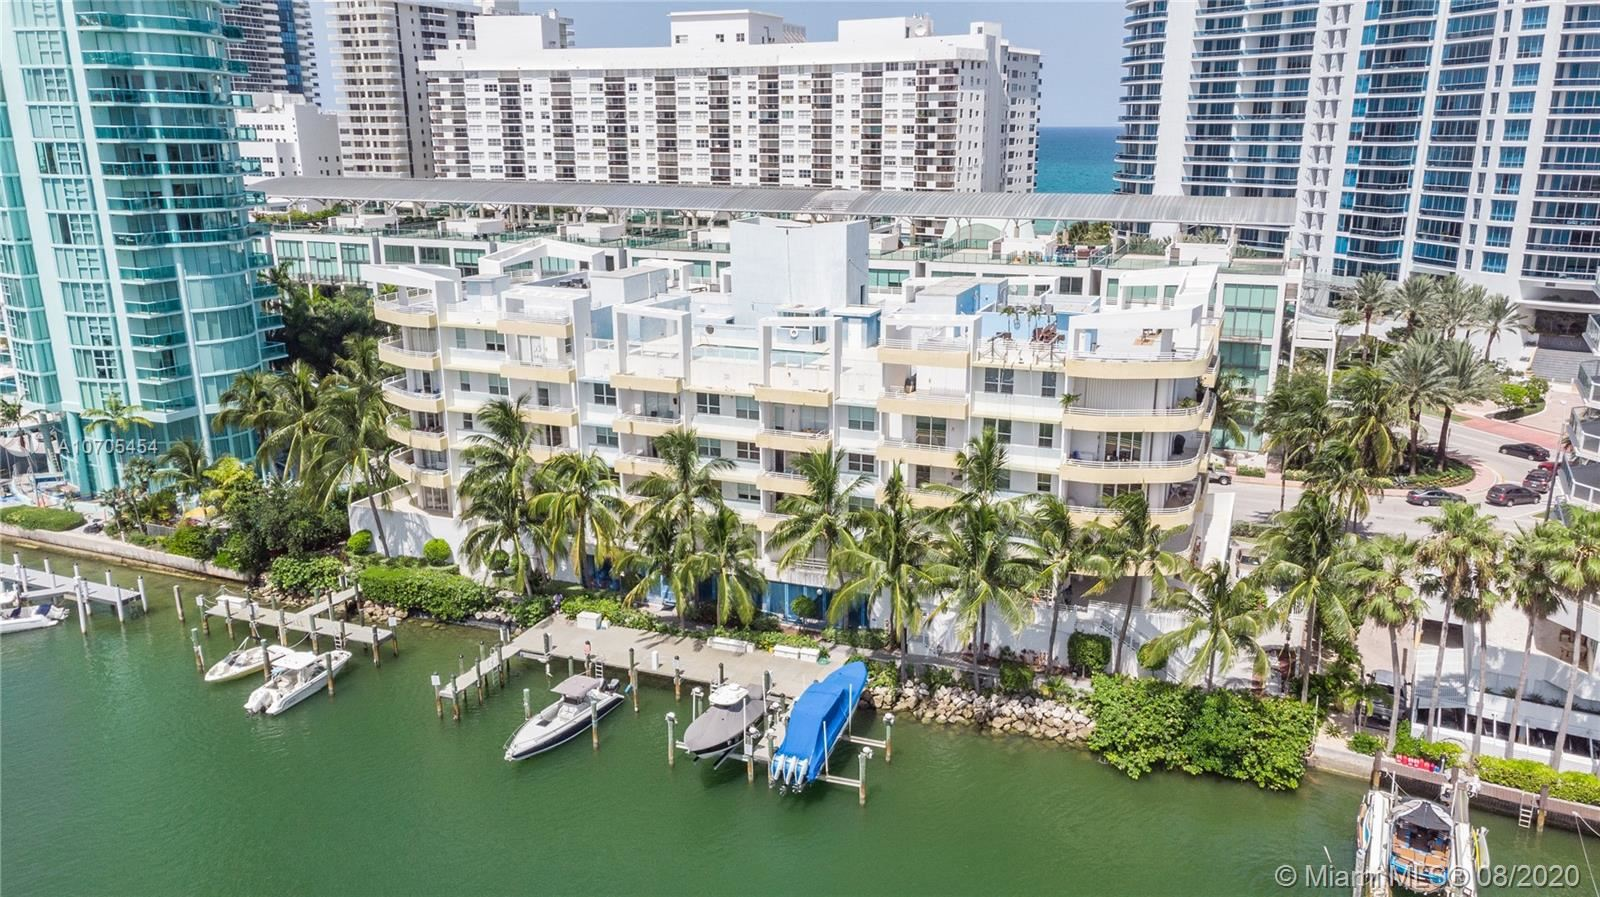 5970 Indian Creek Dr #203, Miami Beach, FL 33140 - #: A10705454